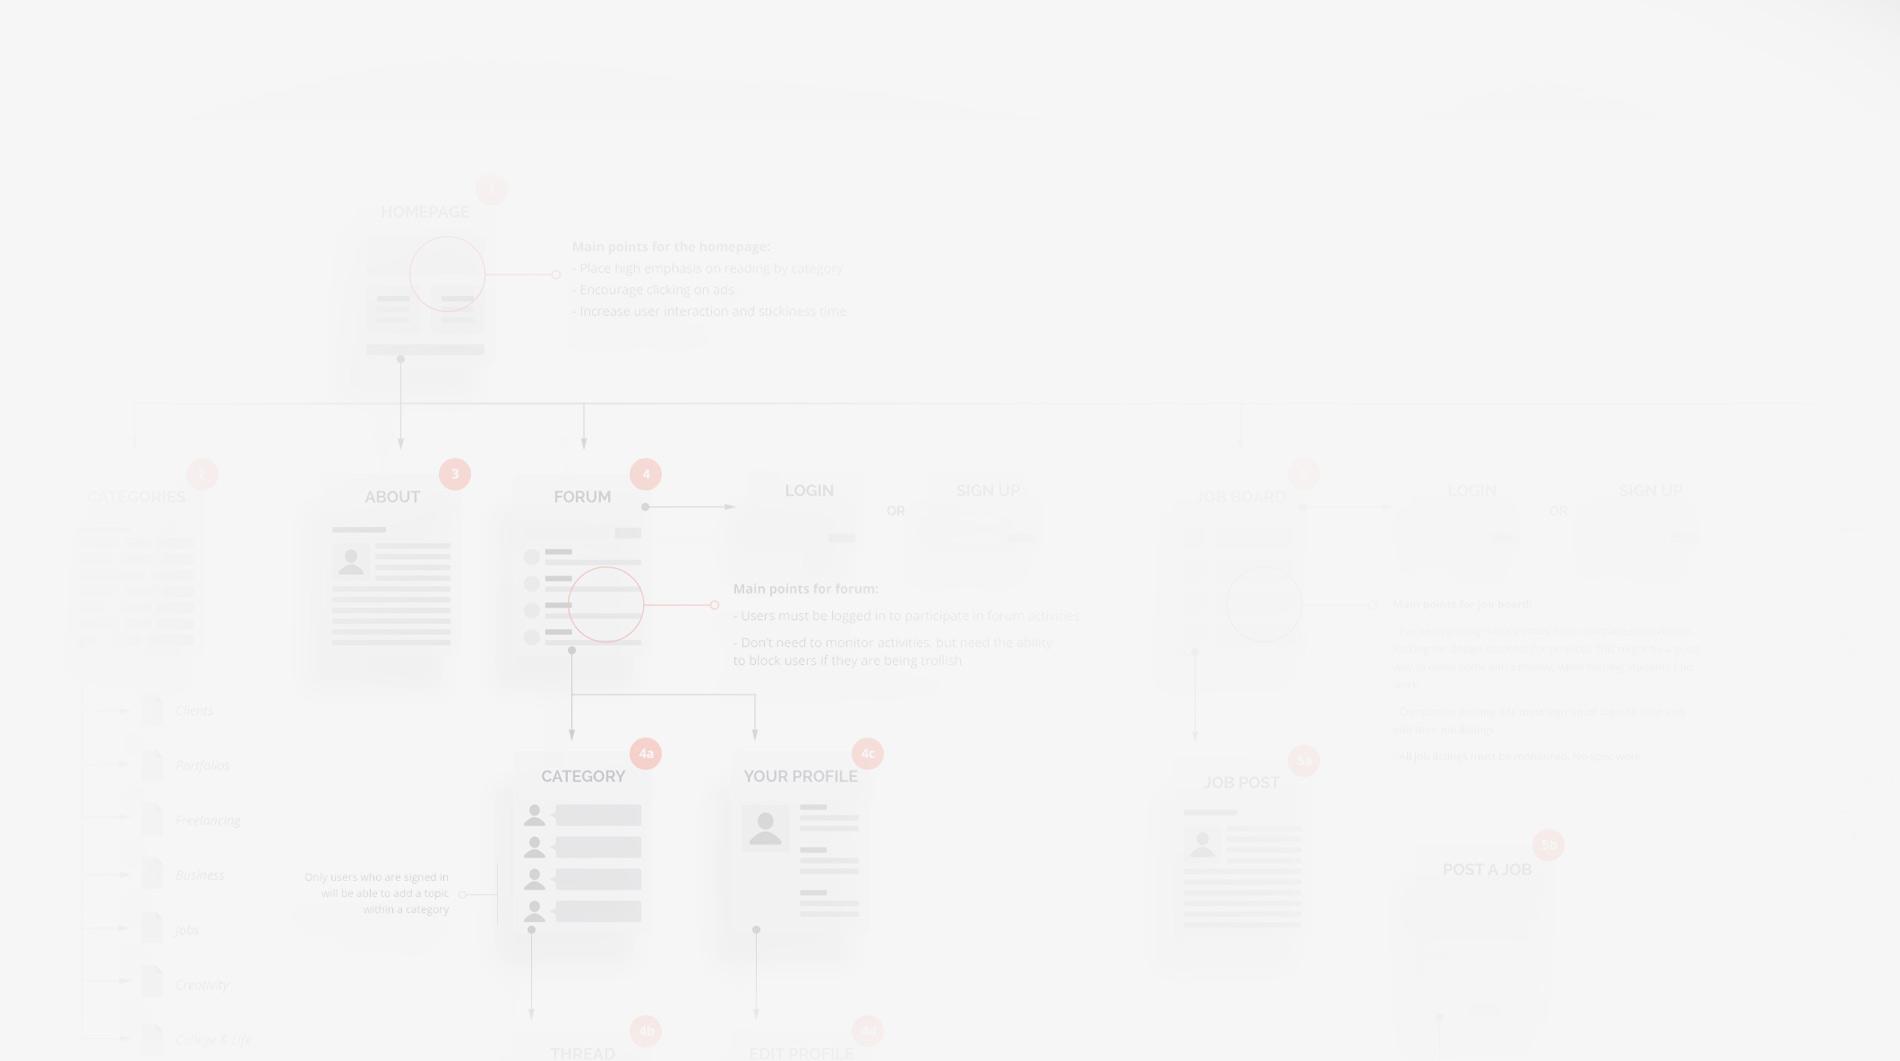 UX Design - fond gris clair